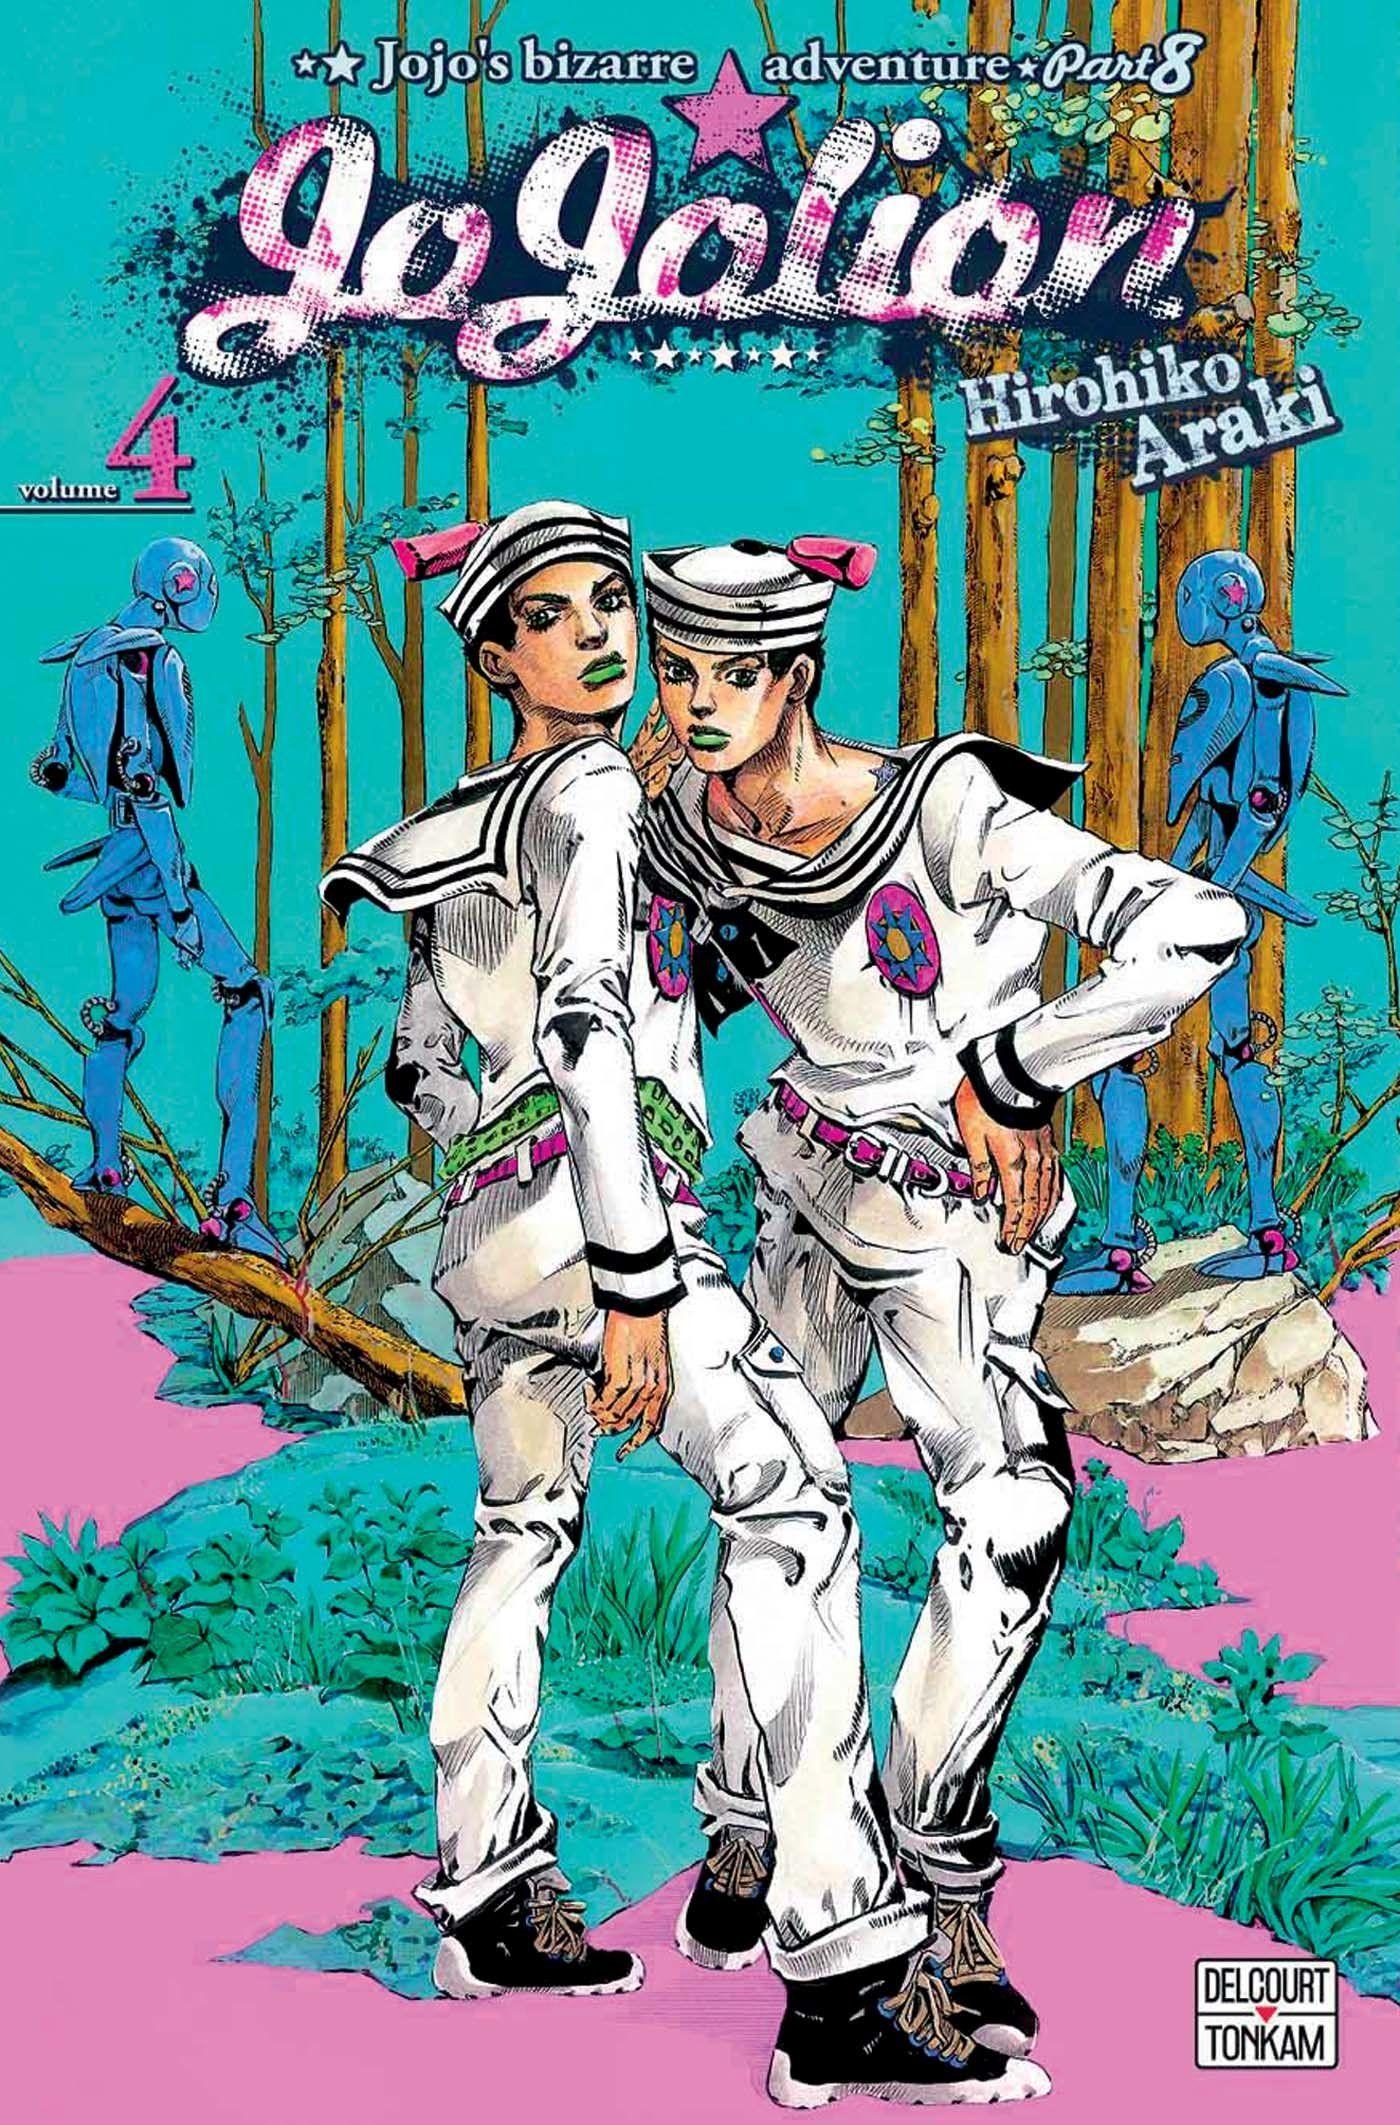 Jojo's bizarre adventure - Saison 8 - Jojolion Vol.4